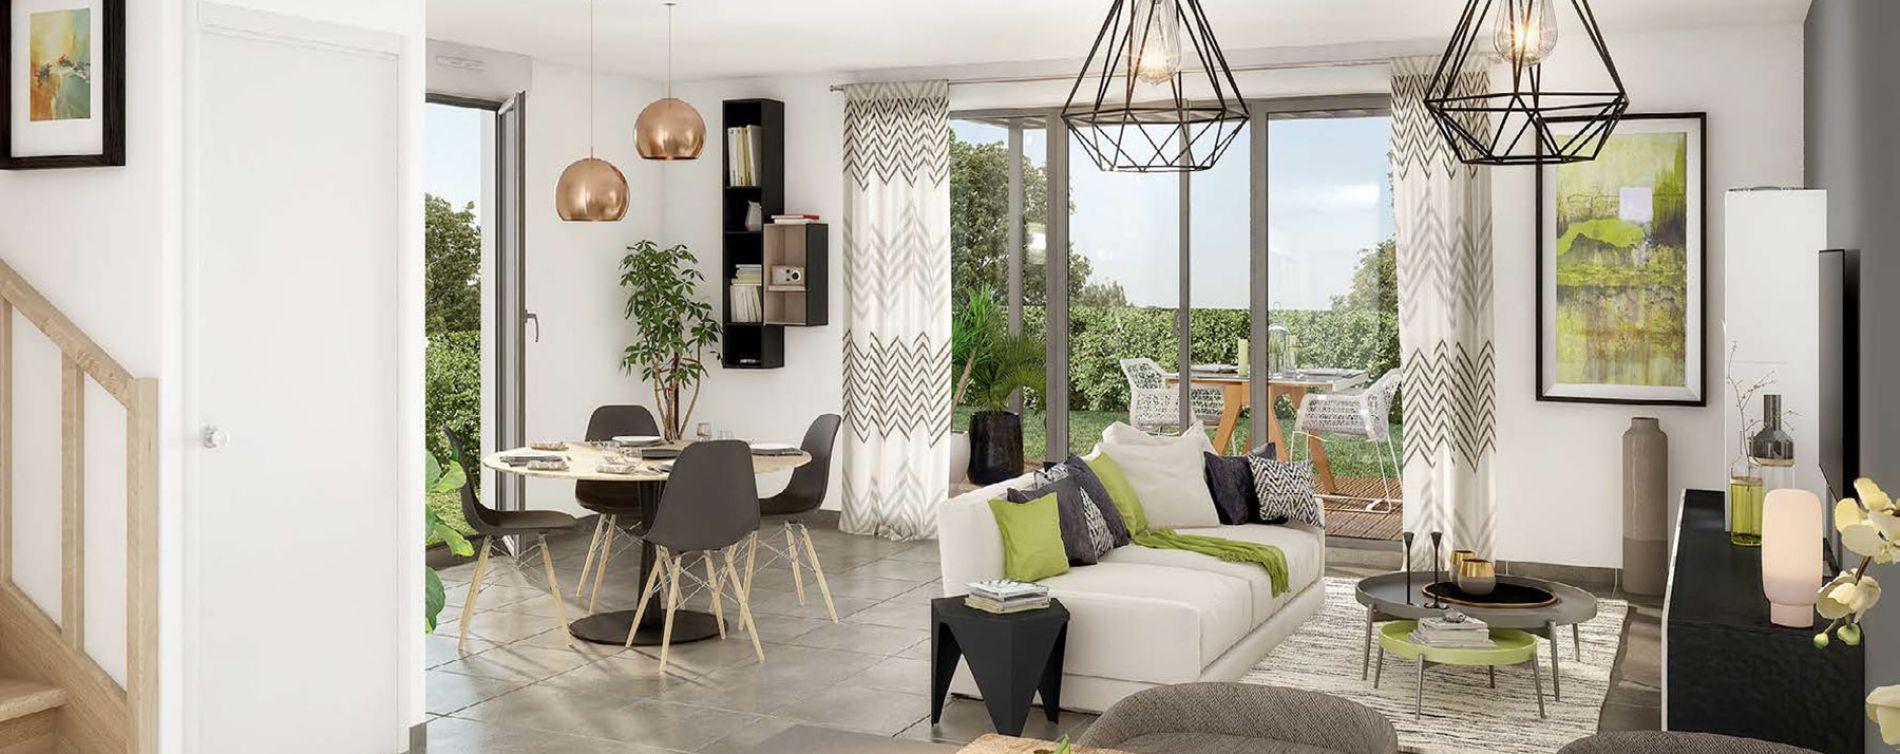 Tournefeuille : programme immobilier neuve « Domaine de Fages » (3)